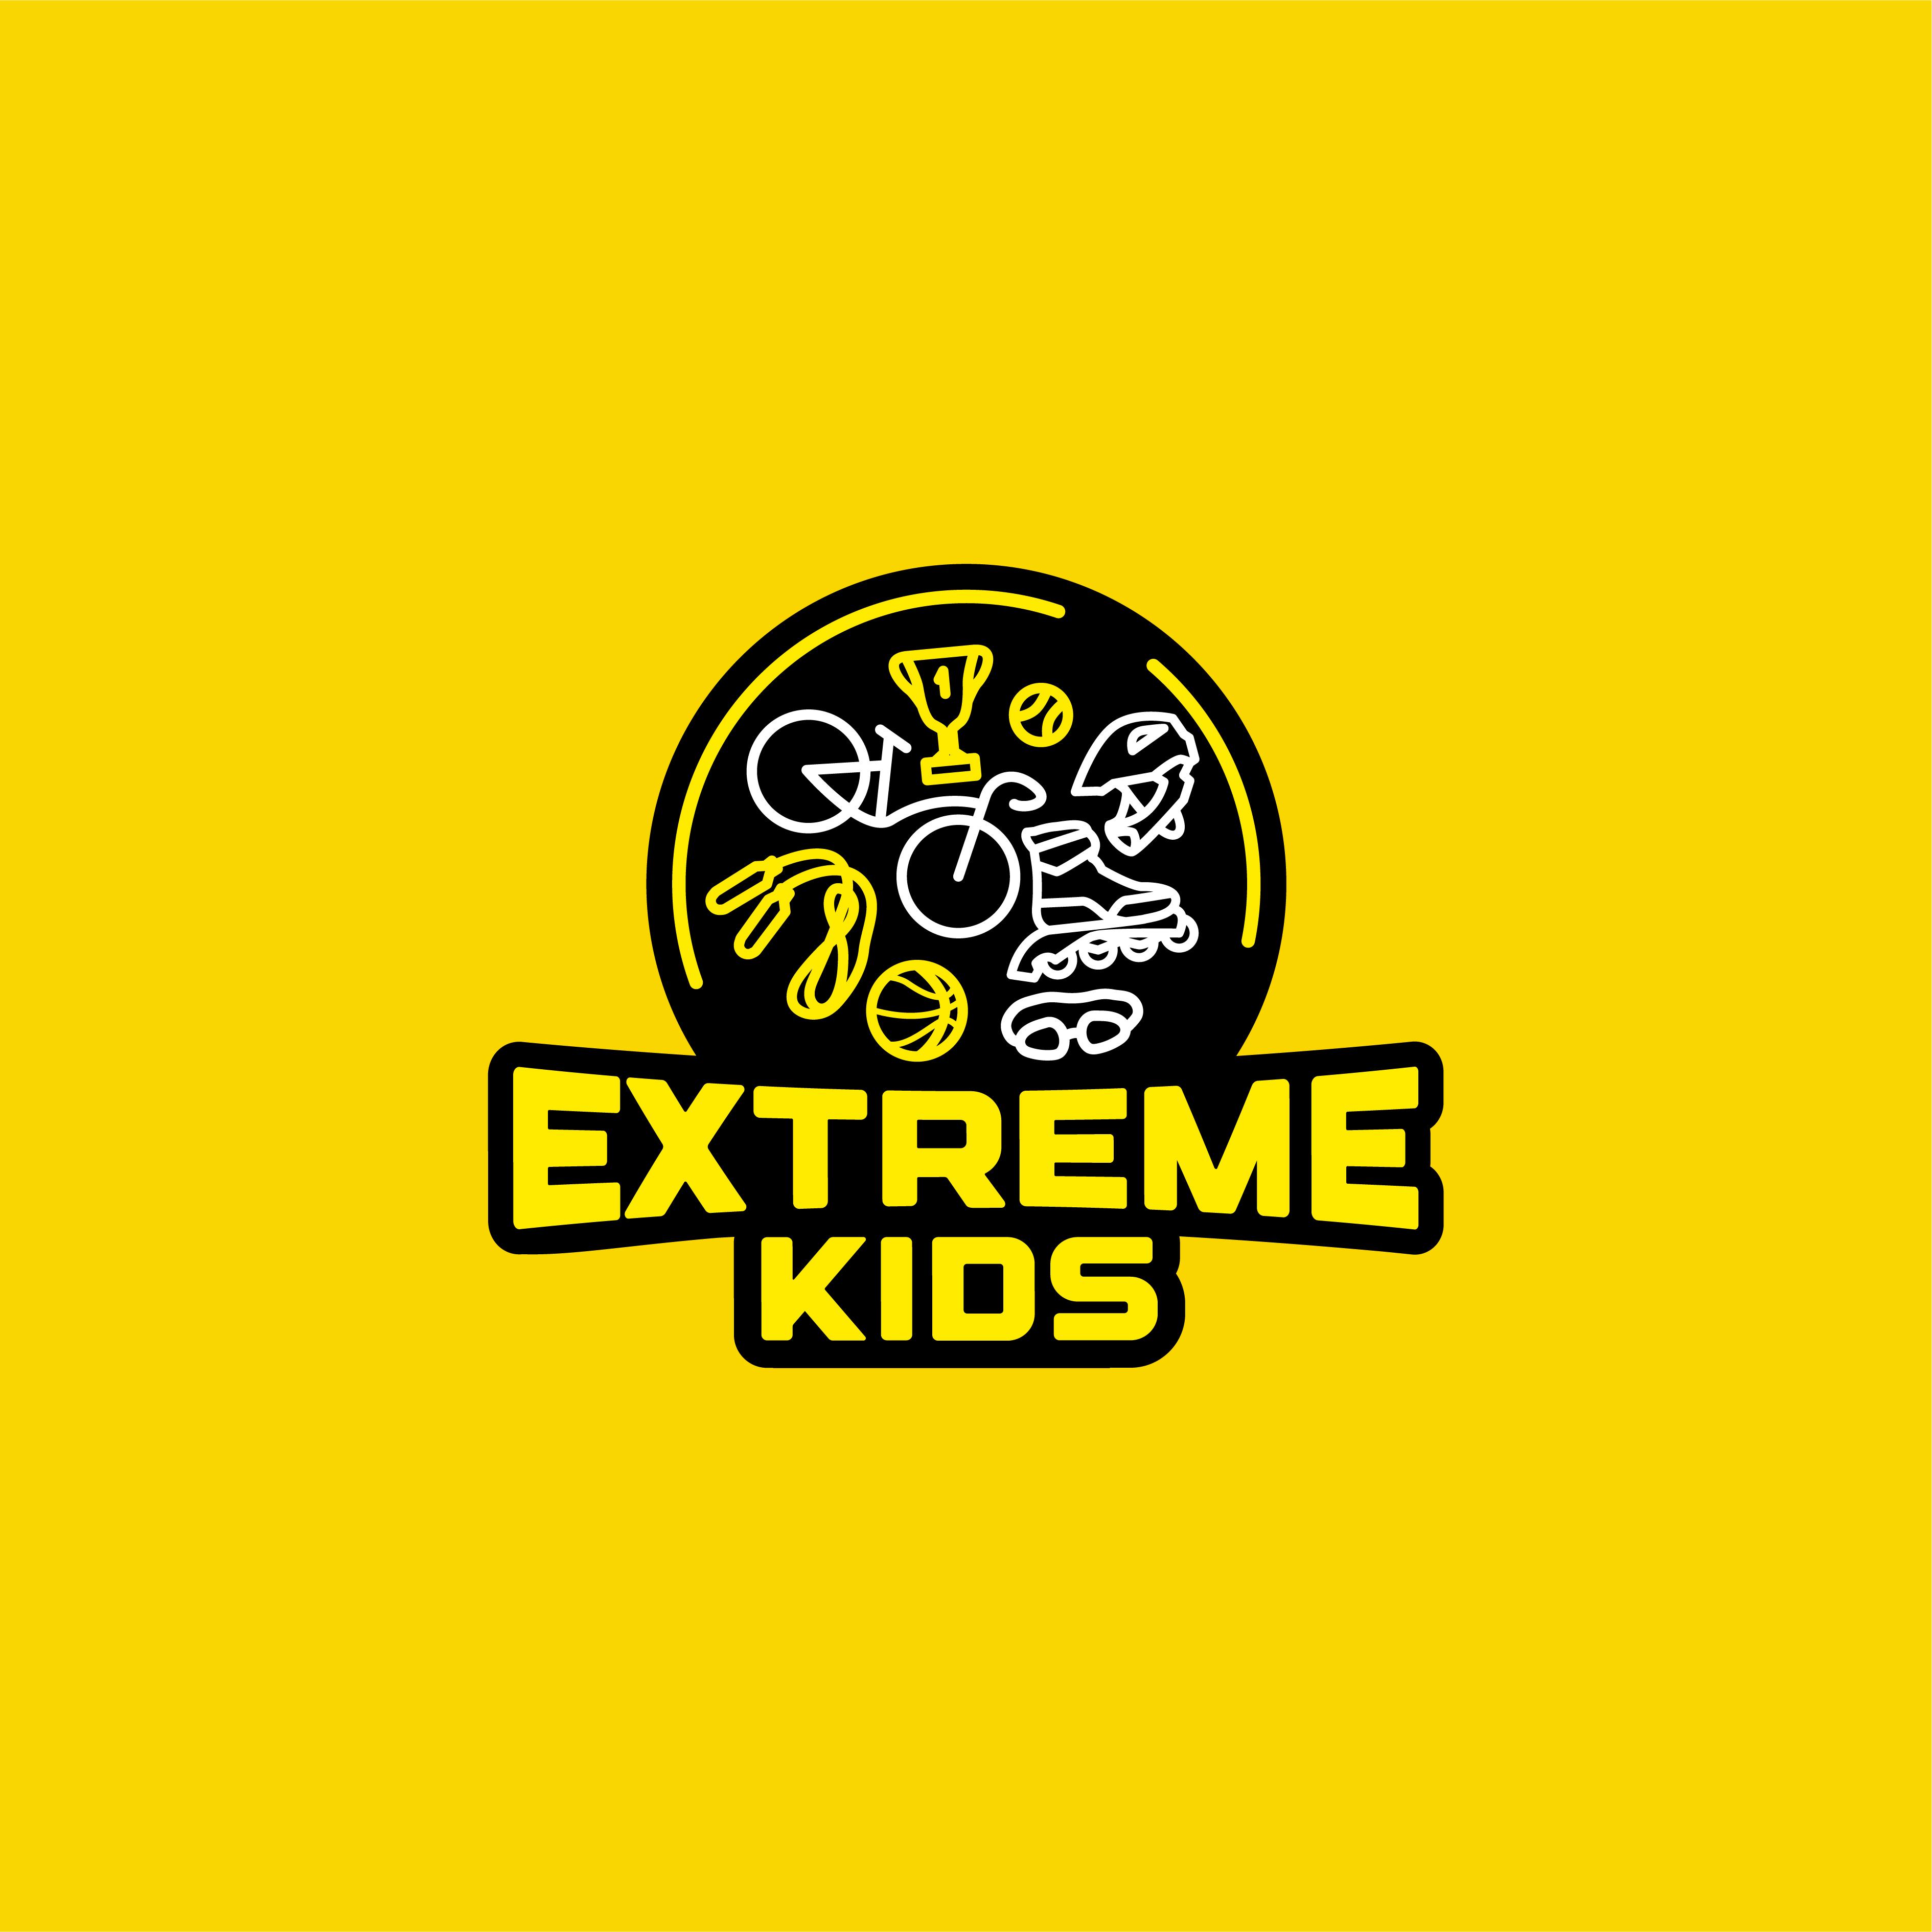 Extreme Kids Томск